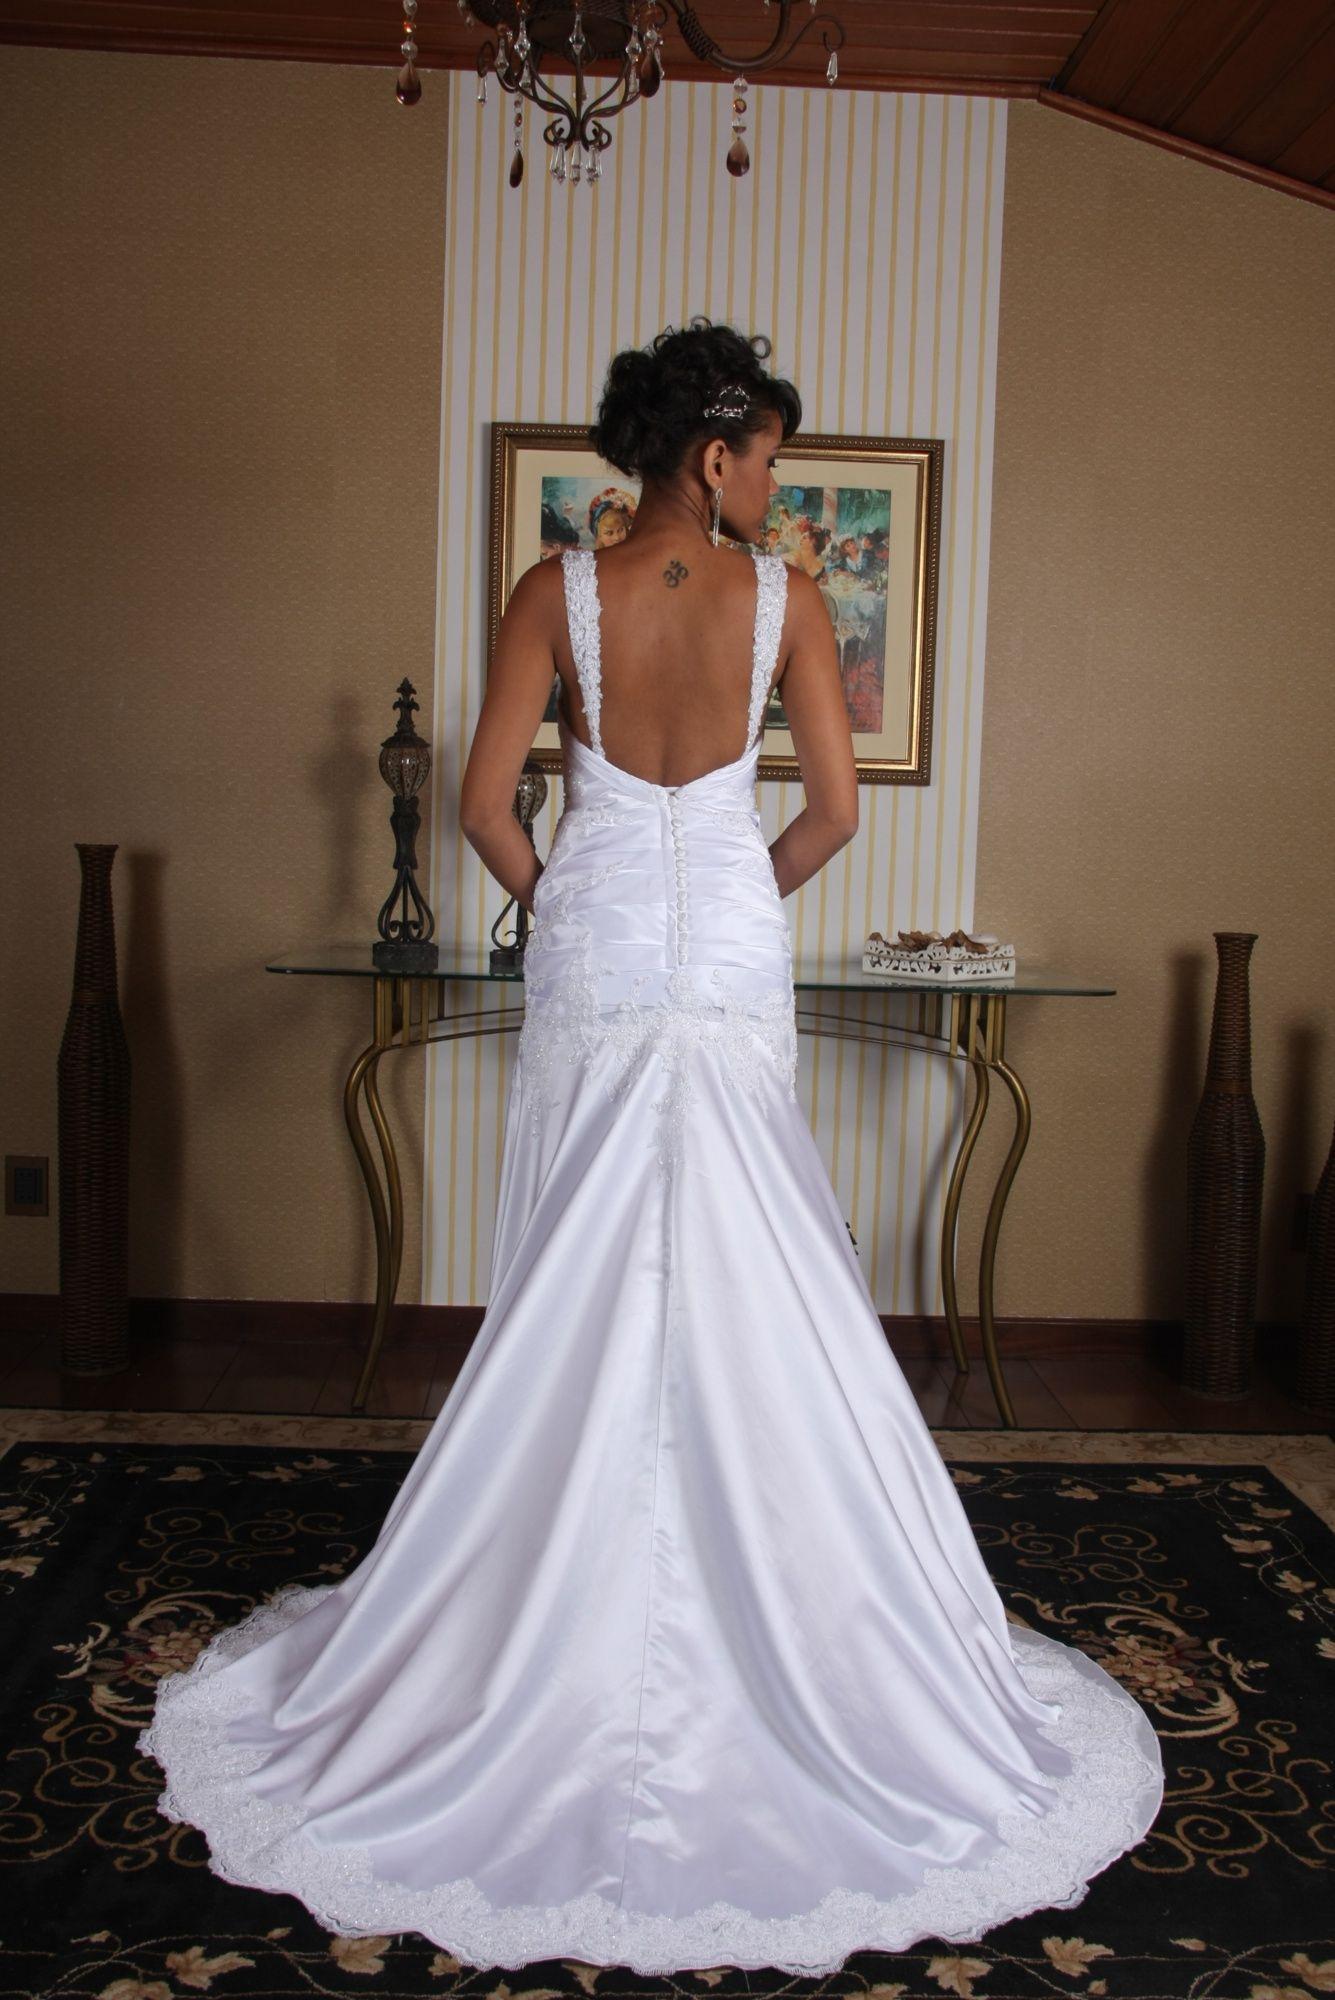 Vestido de Noiva Semi Sereia - 8 - Hipnose Alta Costura e Spa para Noivas e Noivos - Campinas - SP Vestido de Noiva, Vestido de Noiva Semi Sereia, Hipnose Alta Costura